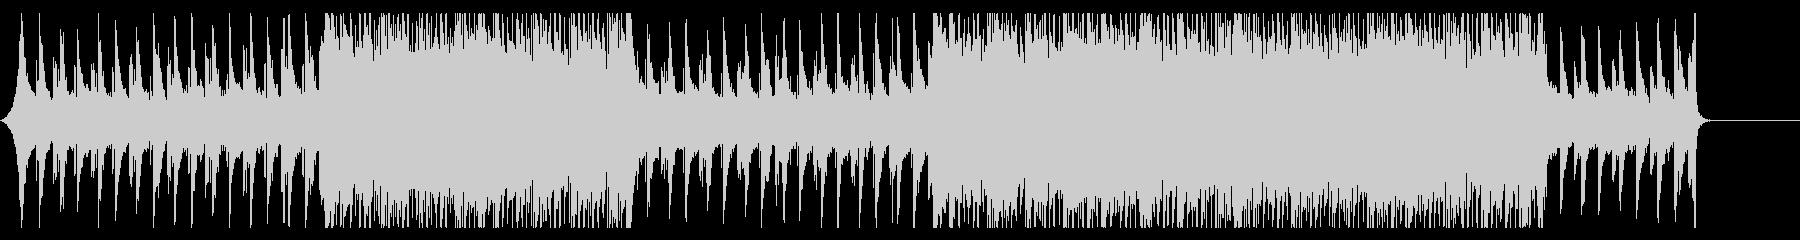 爽やかなコーポレートムービー向けBGMの未再生の波形